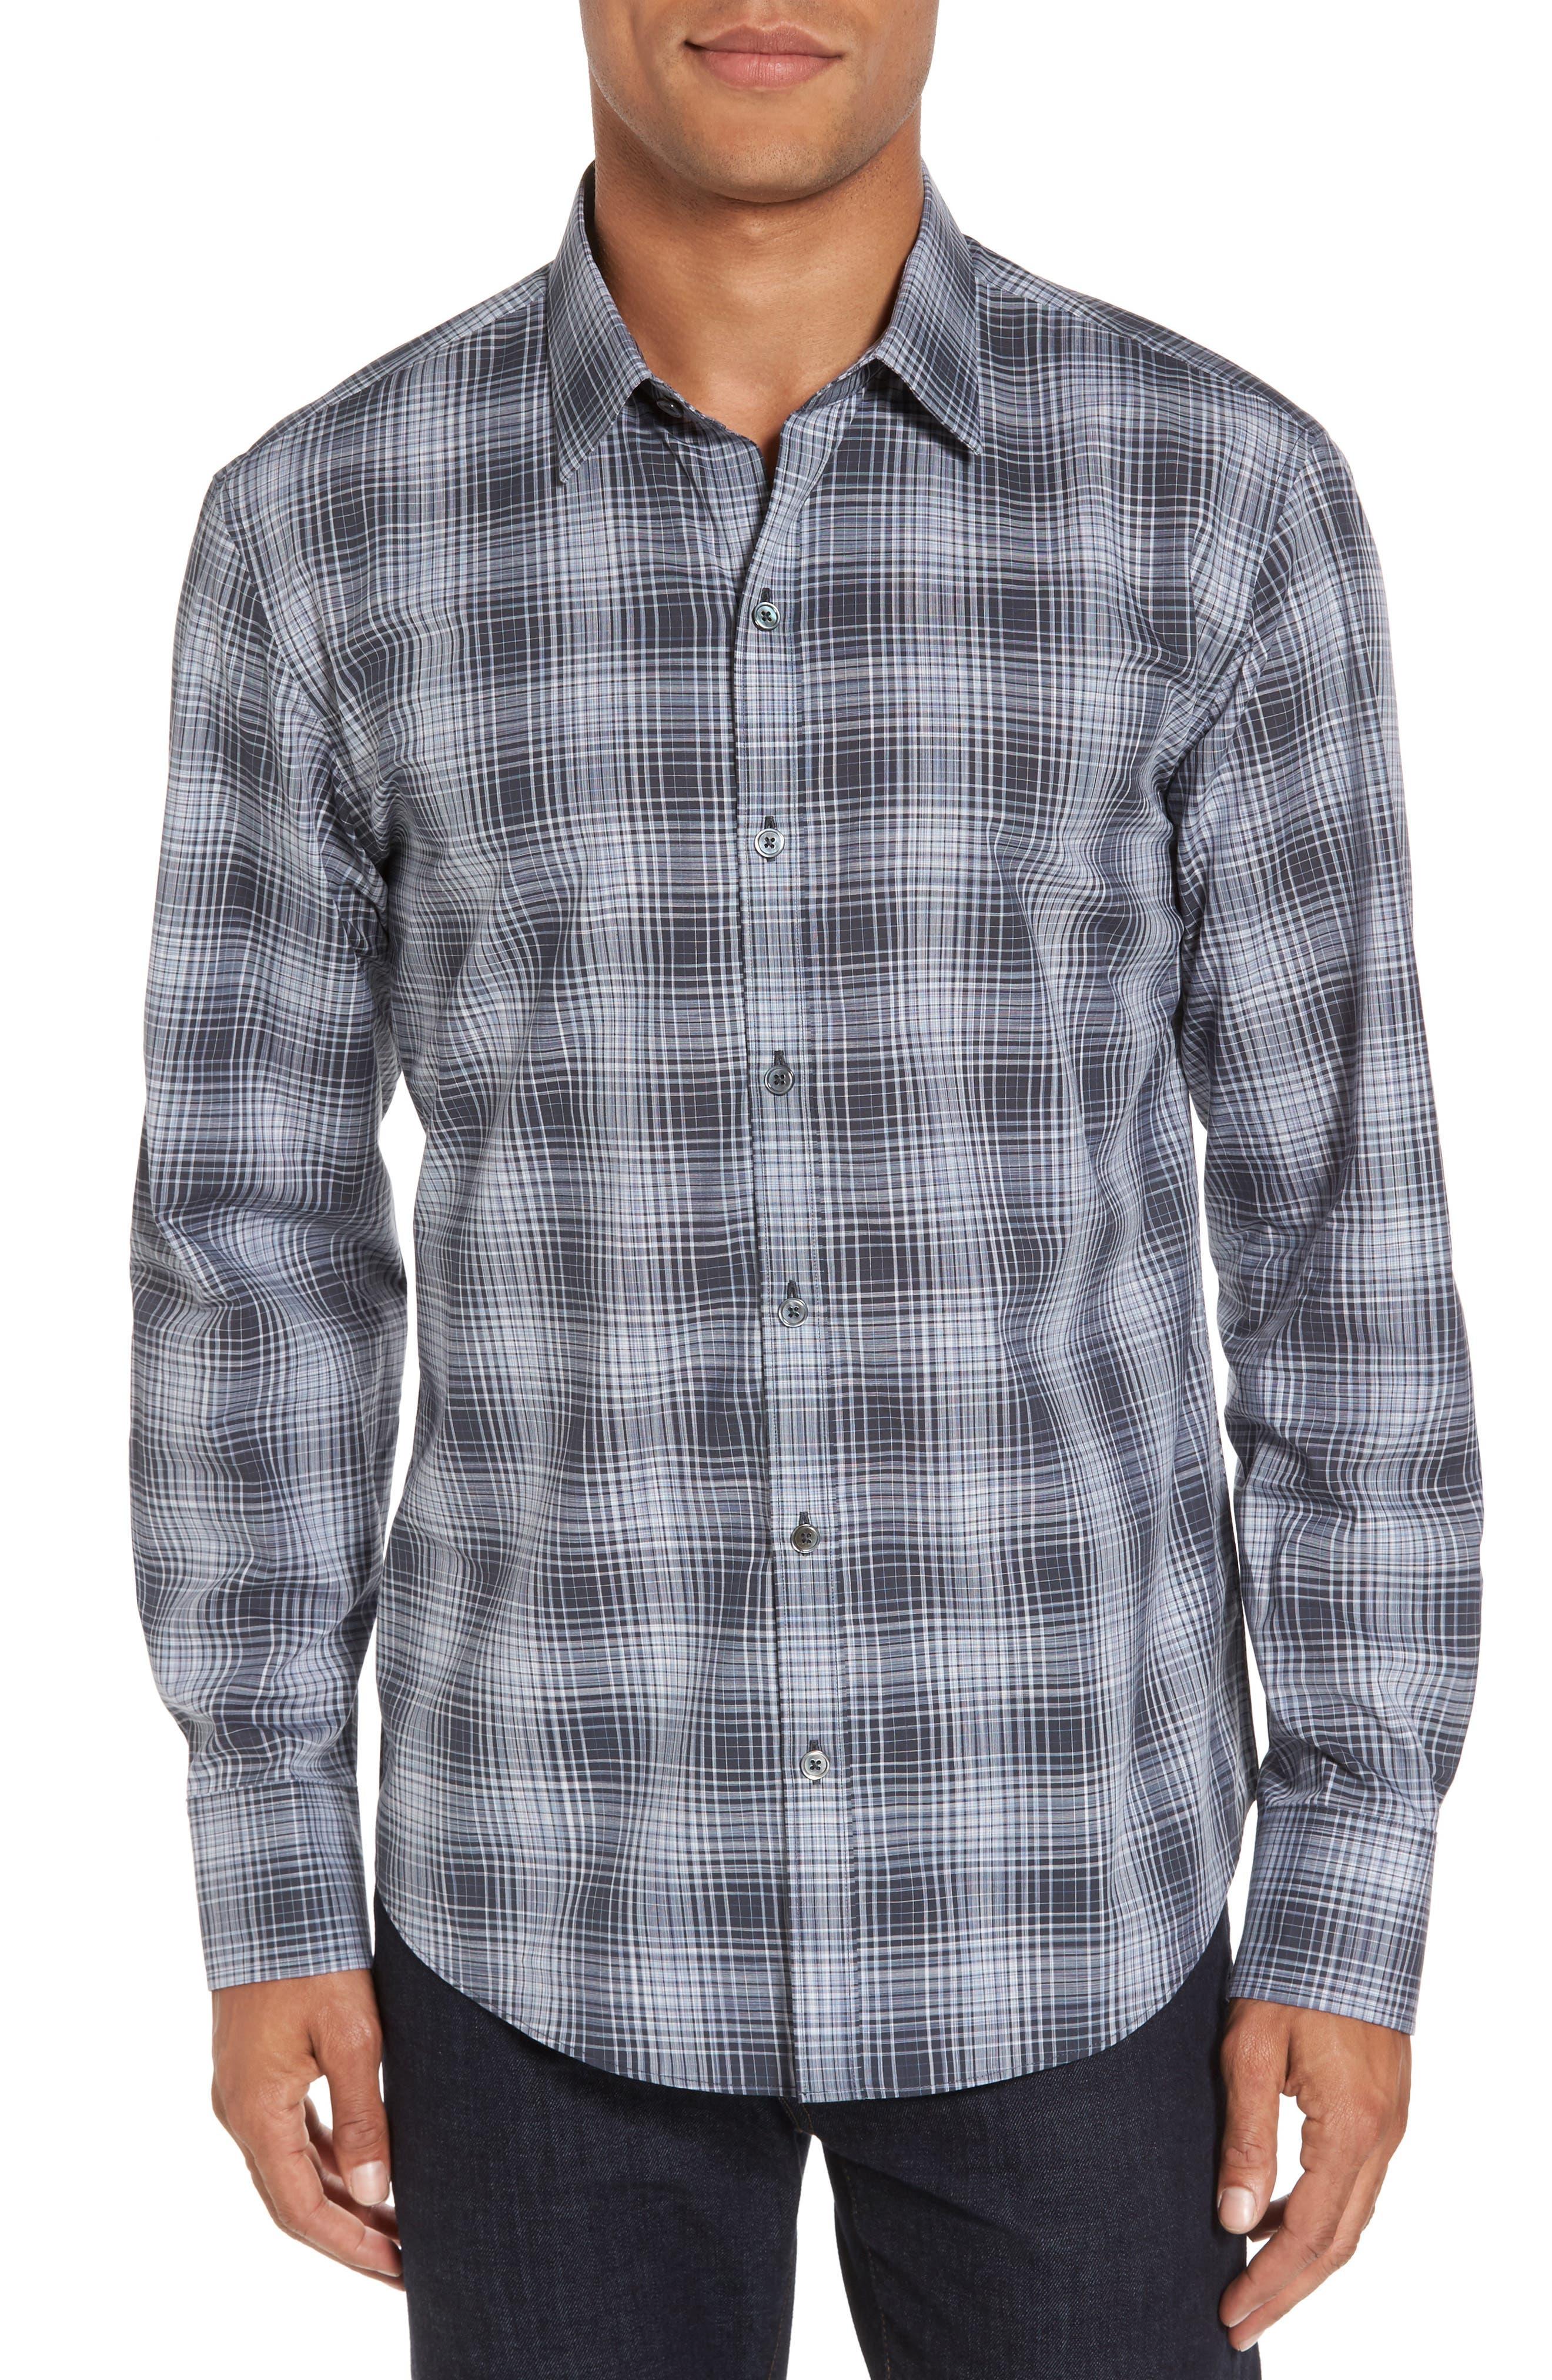 Zander Check Sport Shirt,                             Main thumbnail 1, color,                             Dark Grey